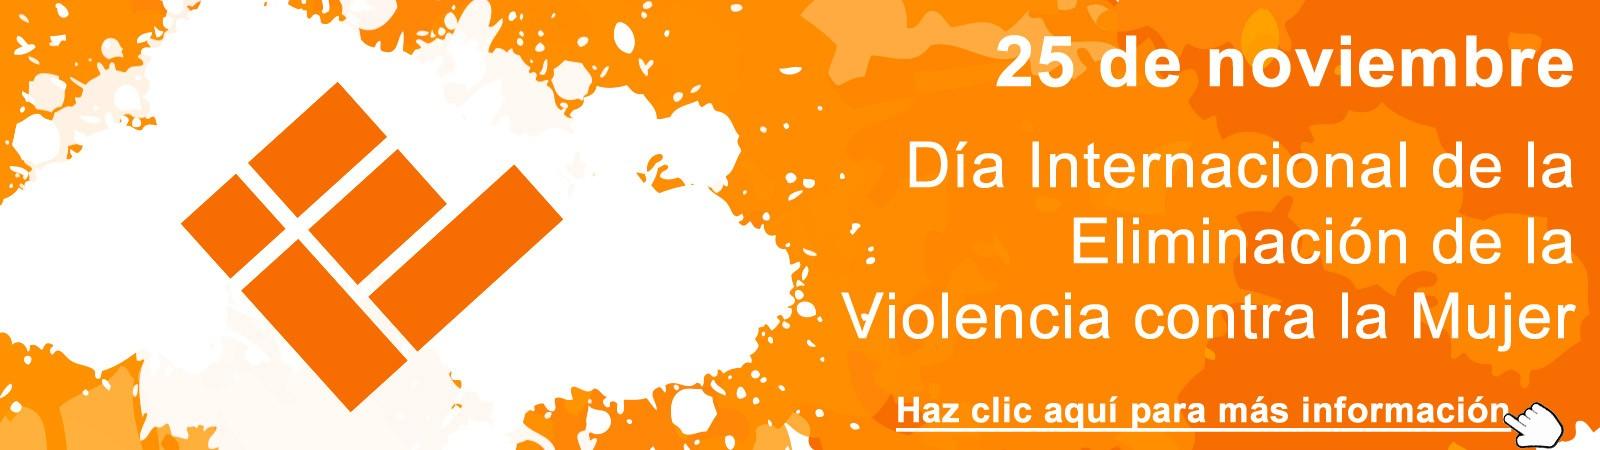 Banner conmemorativo del Día Internacional de la Eliminación de la Violencia Contra la Mujer 2018